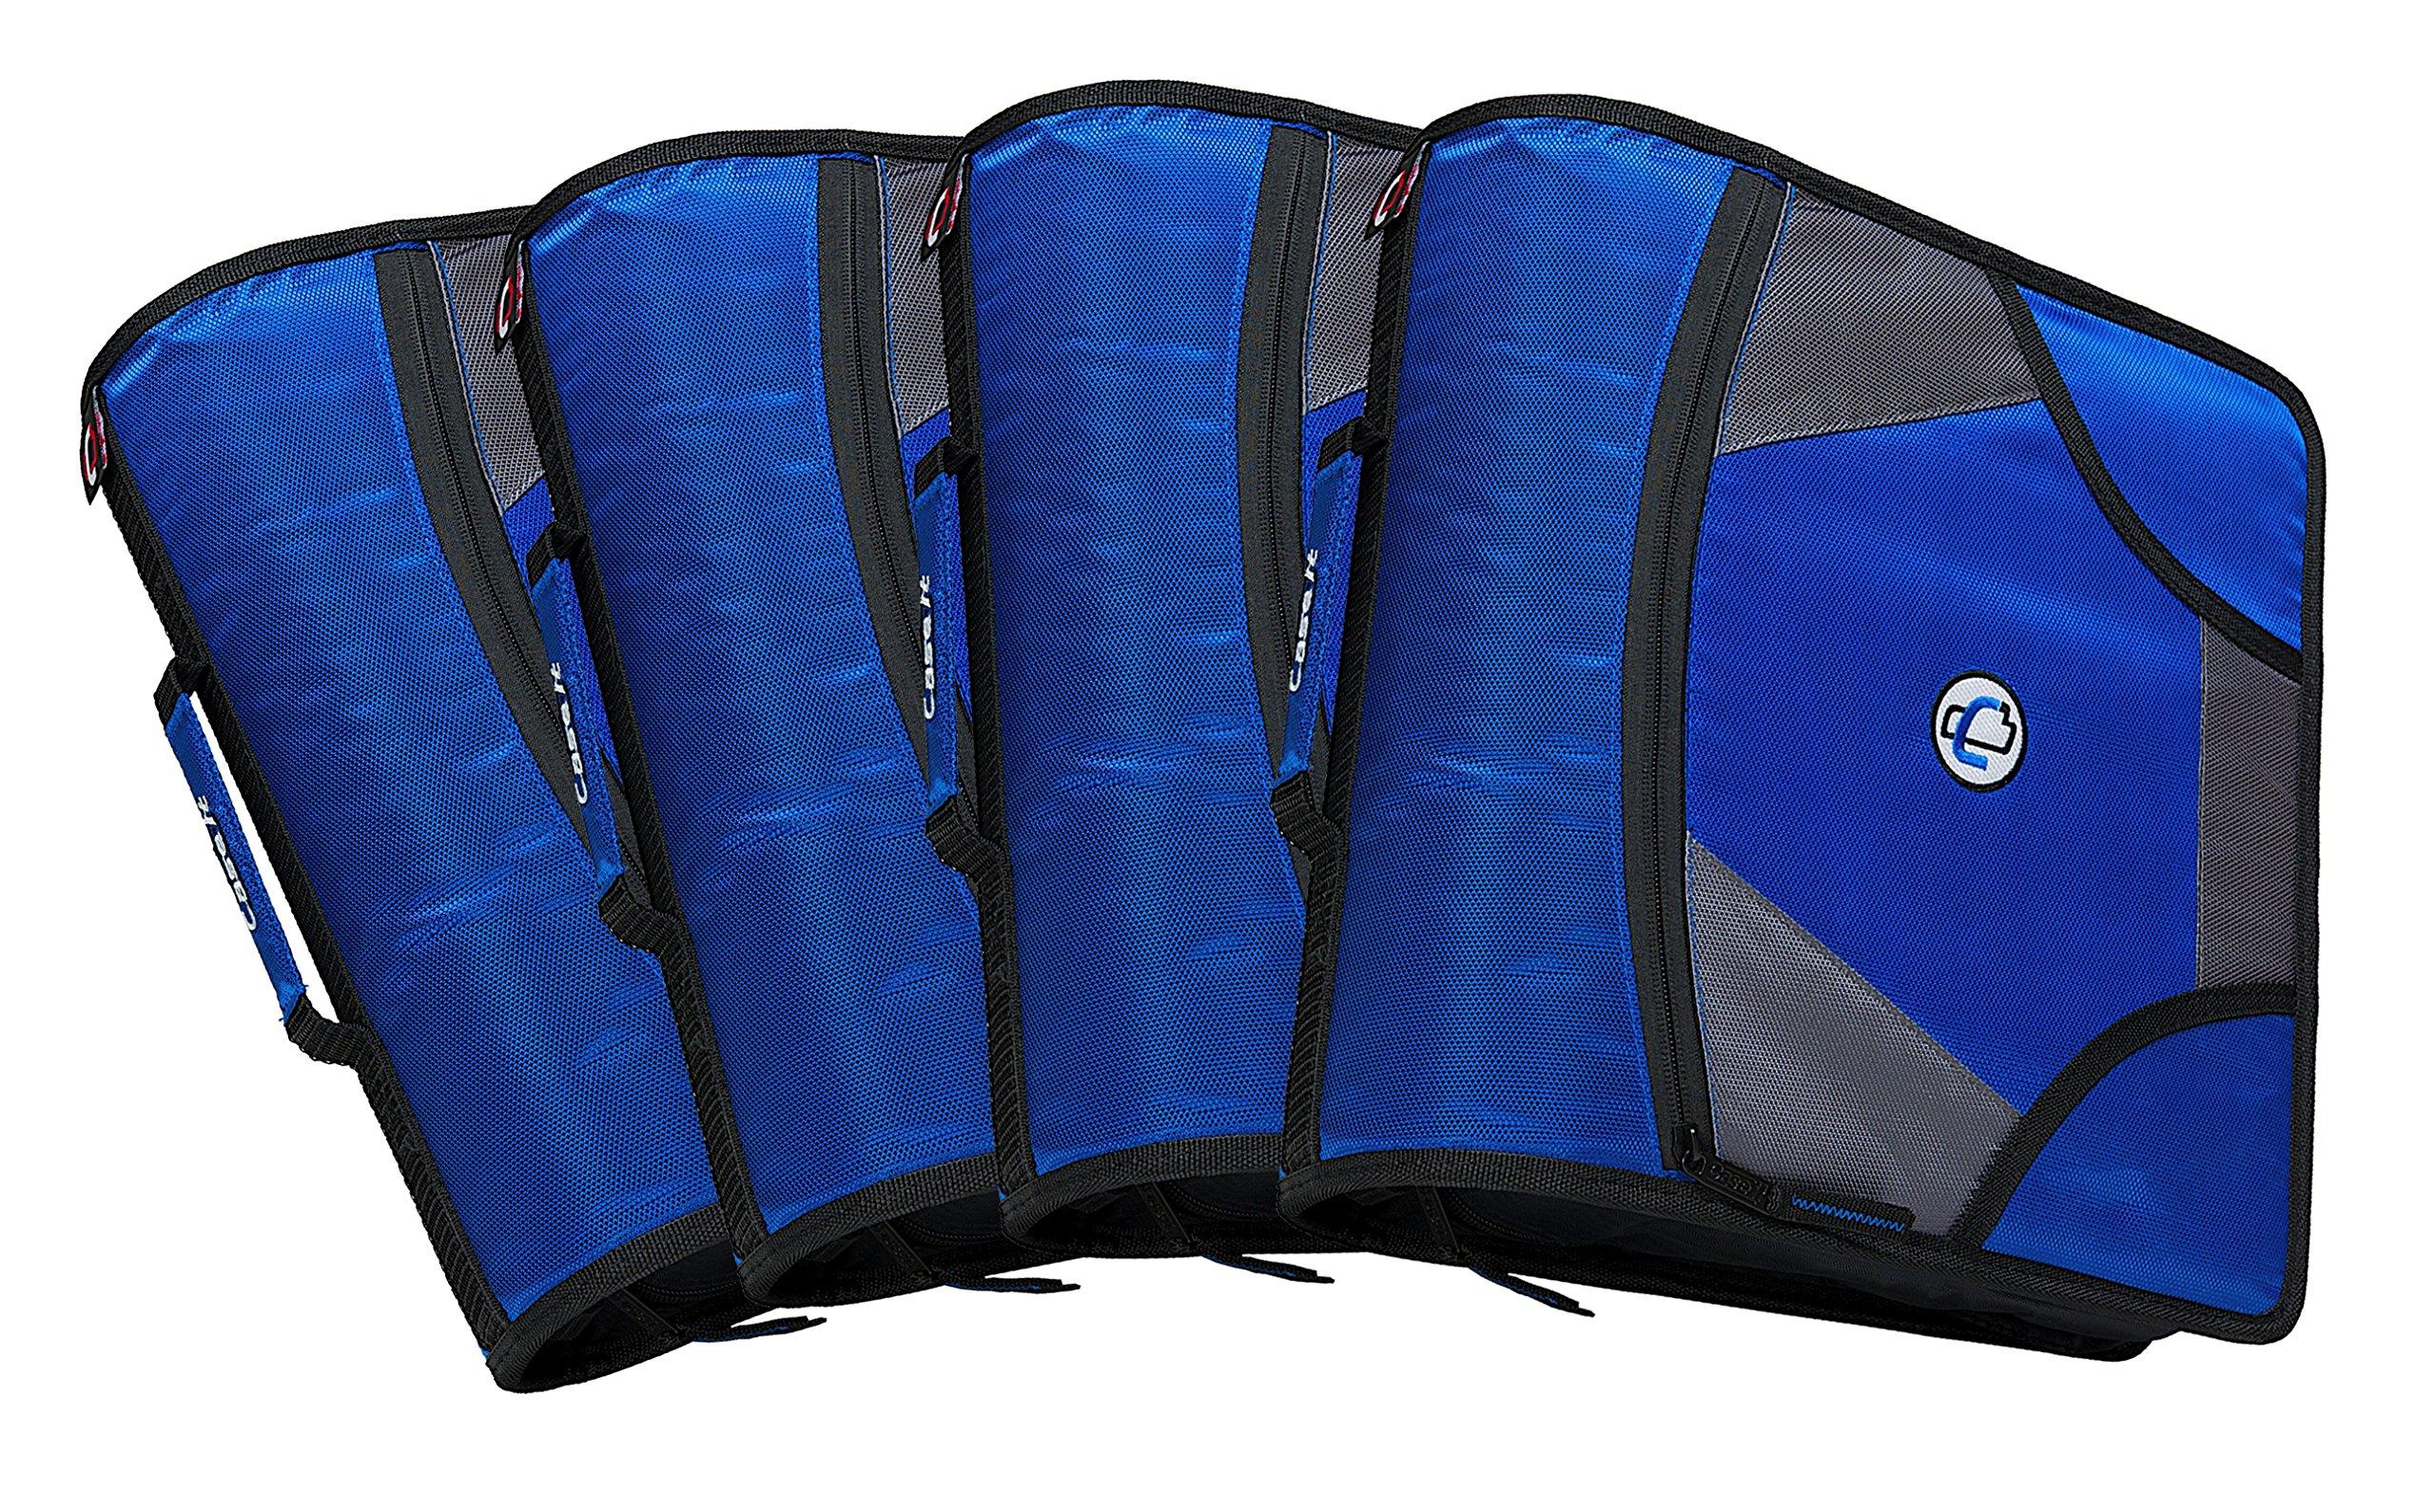 Case-it King Sized Zip Tab 4-Inch D-Ring Zipper Binder with 5-Tab File Folder, Blue, Case of 4 (D-186-C-BLU)